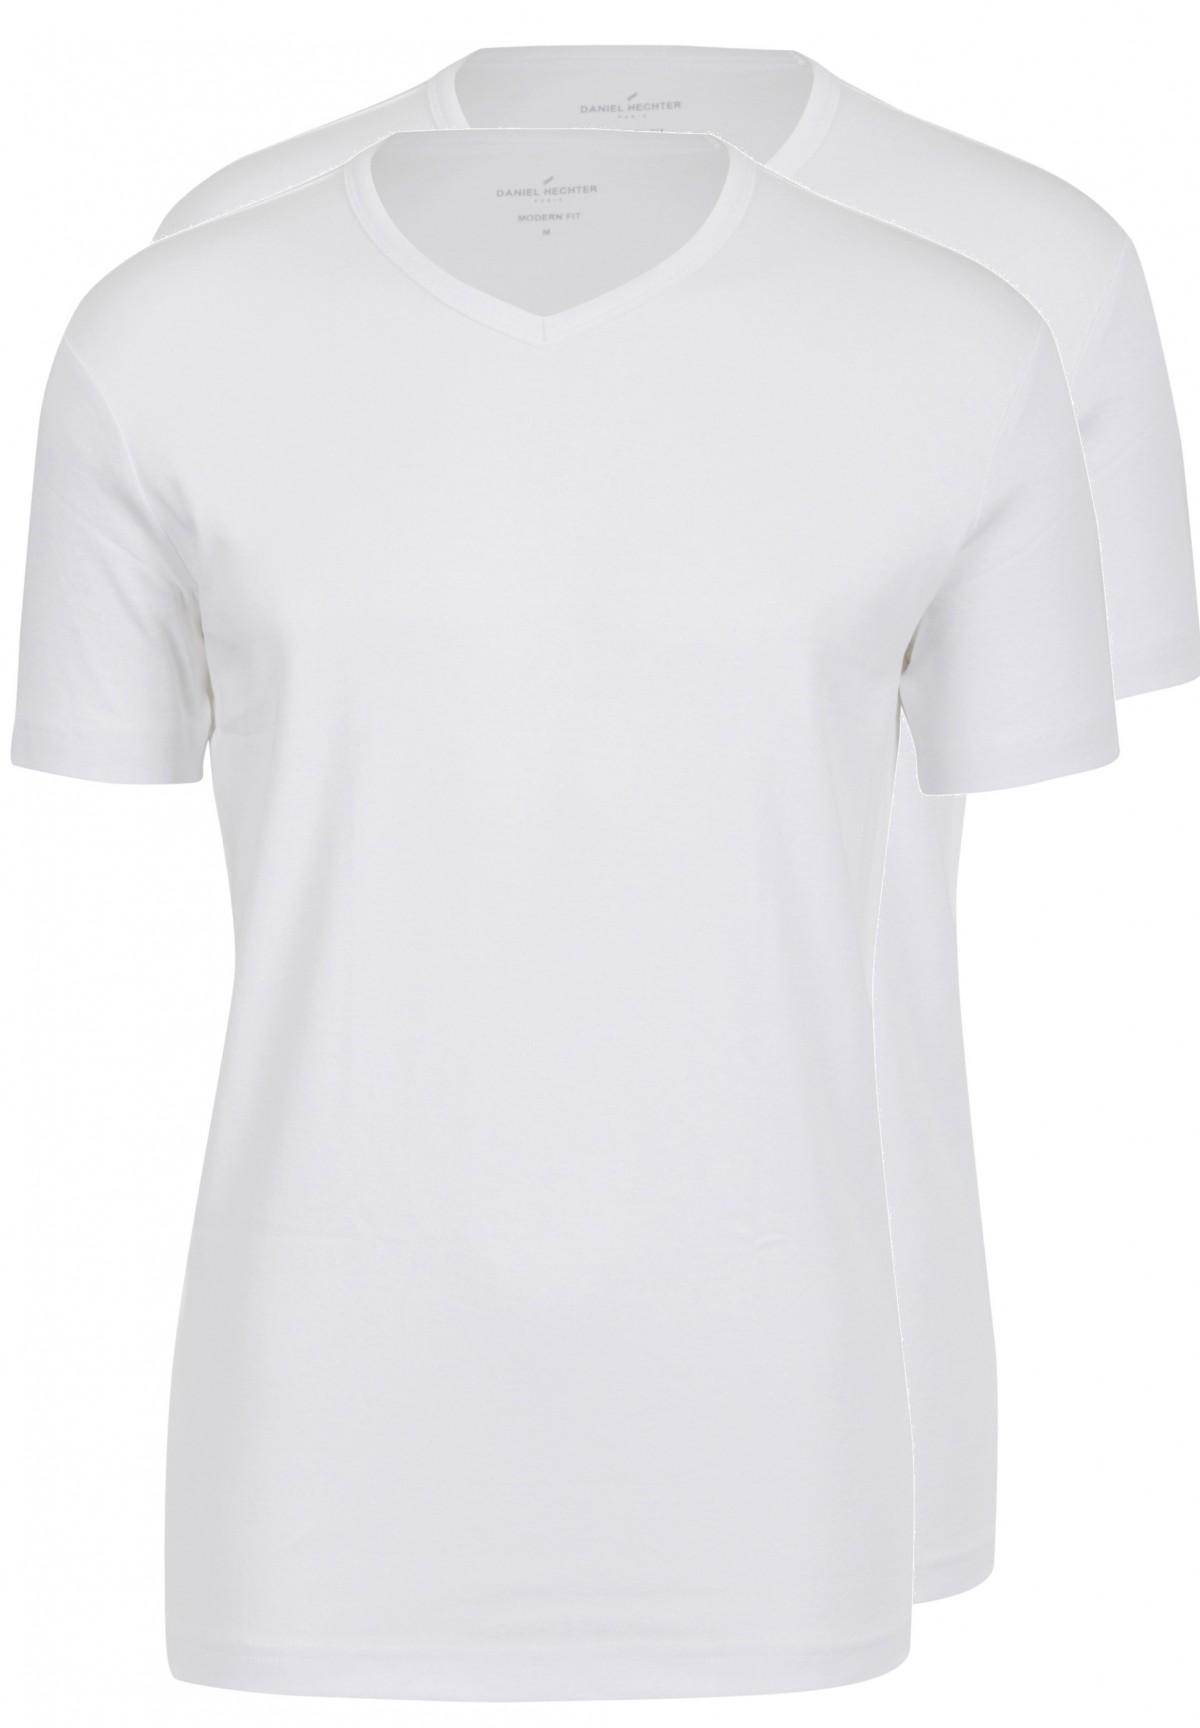 Doppelpack T-Shirt V-Ausschnitt Modern-fit / T-Shirt V-Ausschnitt Modern-fit